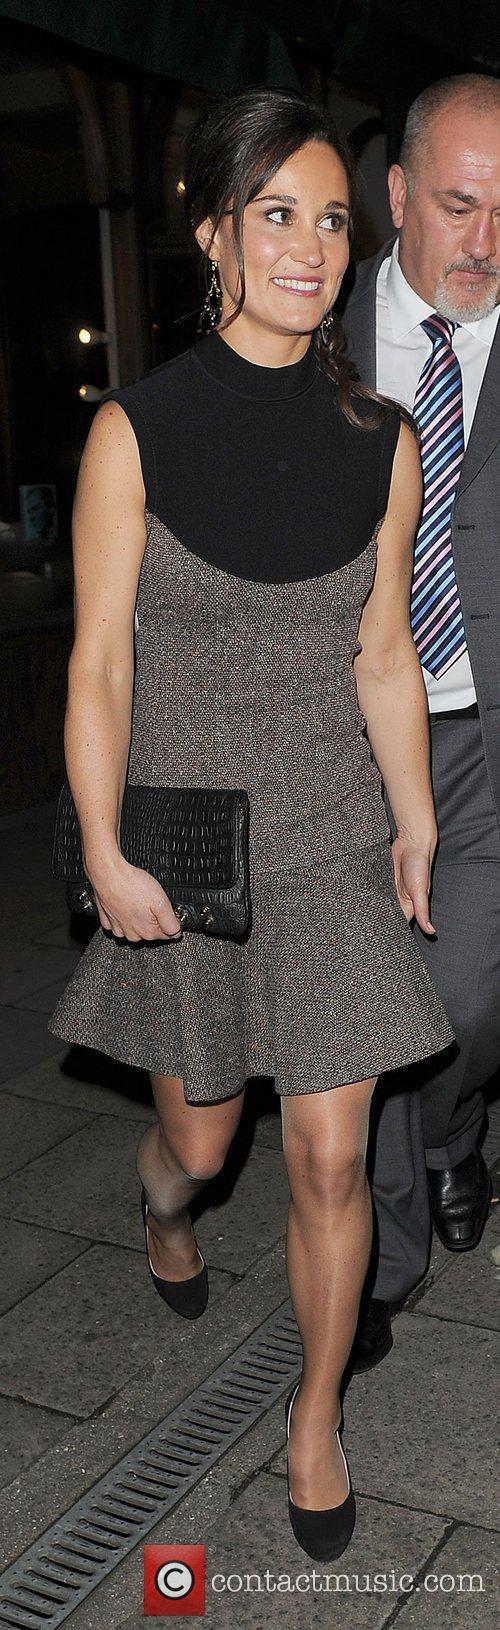 Pippa Middleton 25